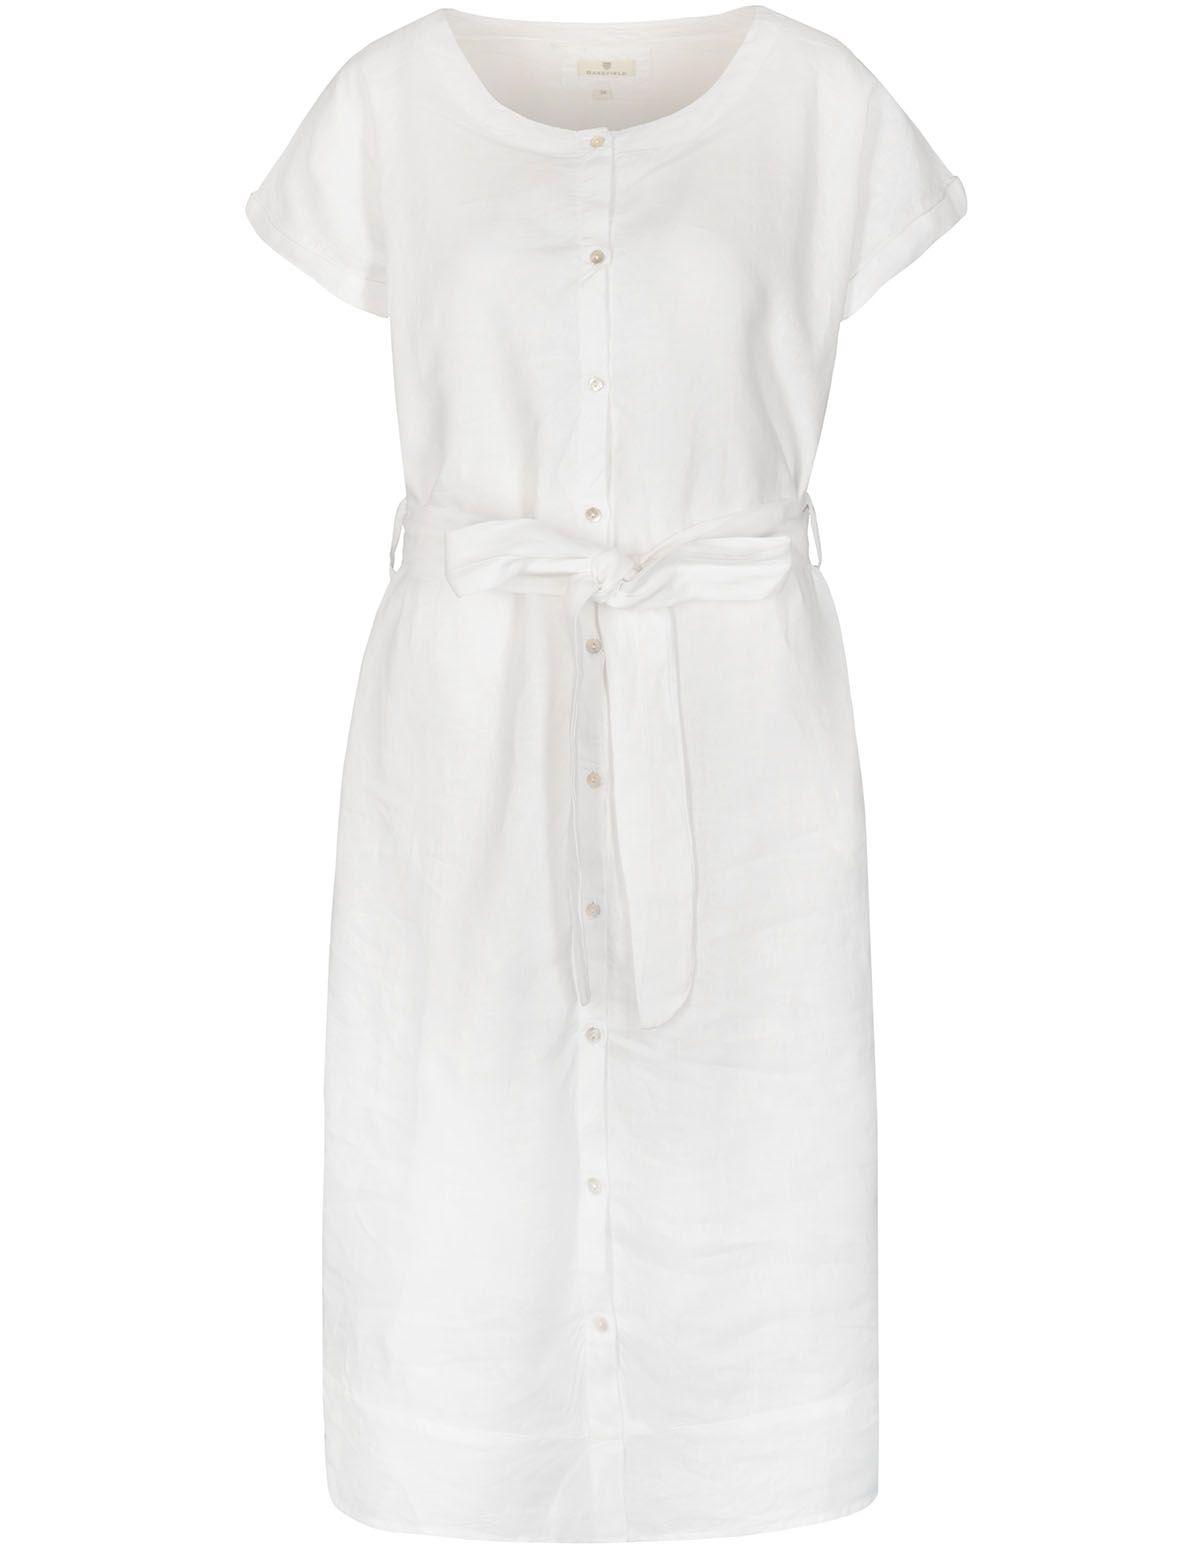 Leinenkleid - White